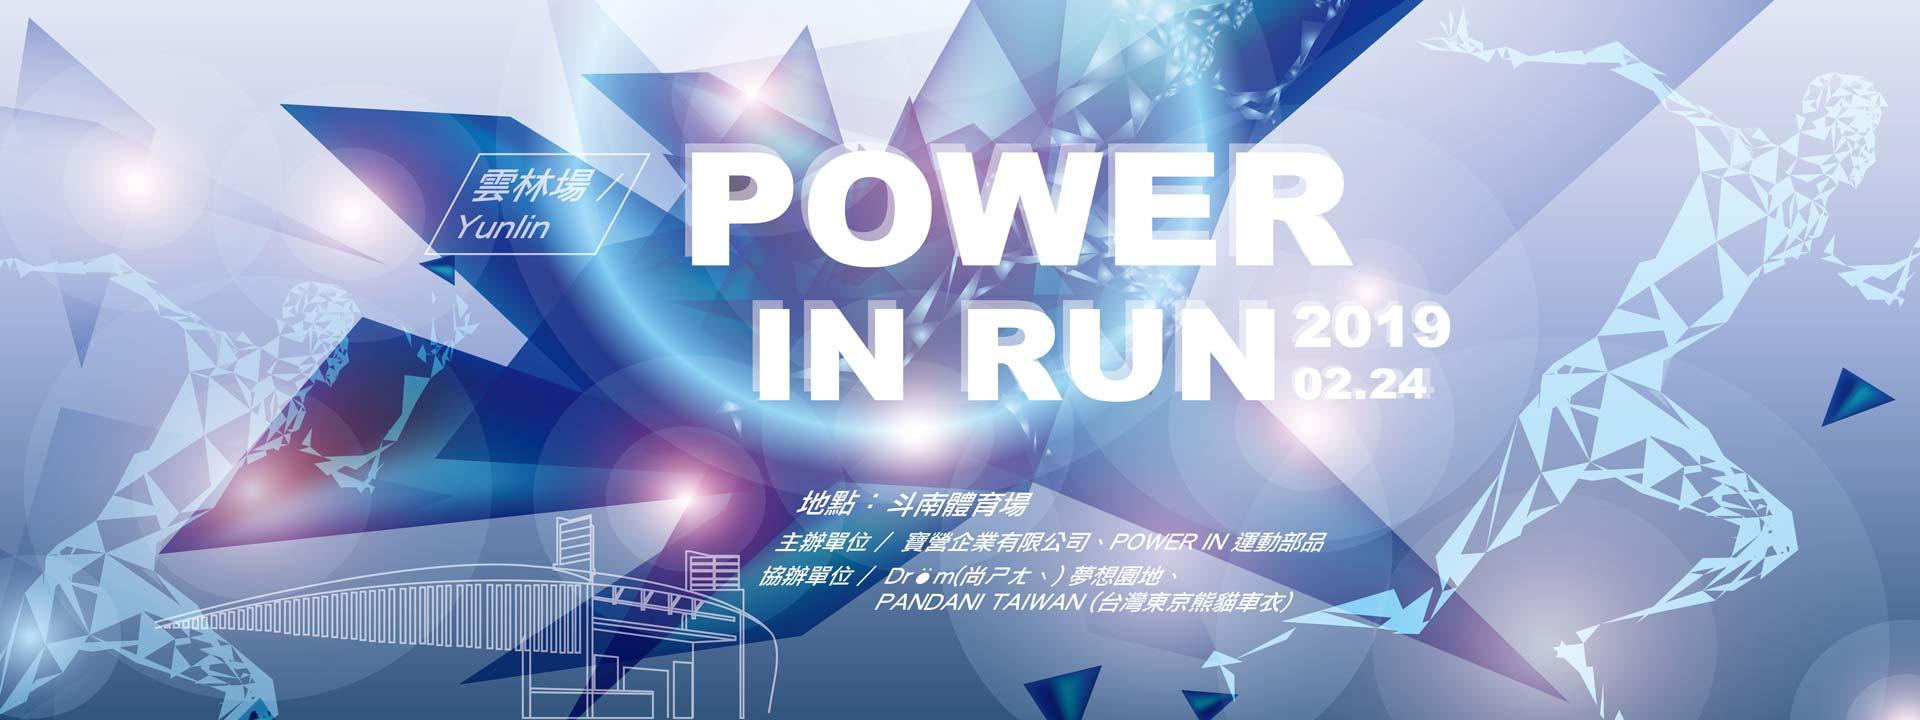 2019 POWER IN RUN 雲林半程馬拉松